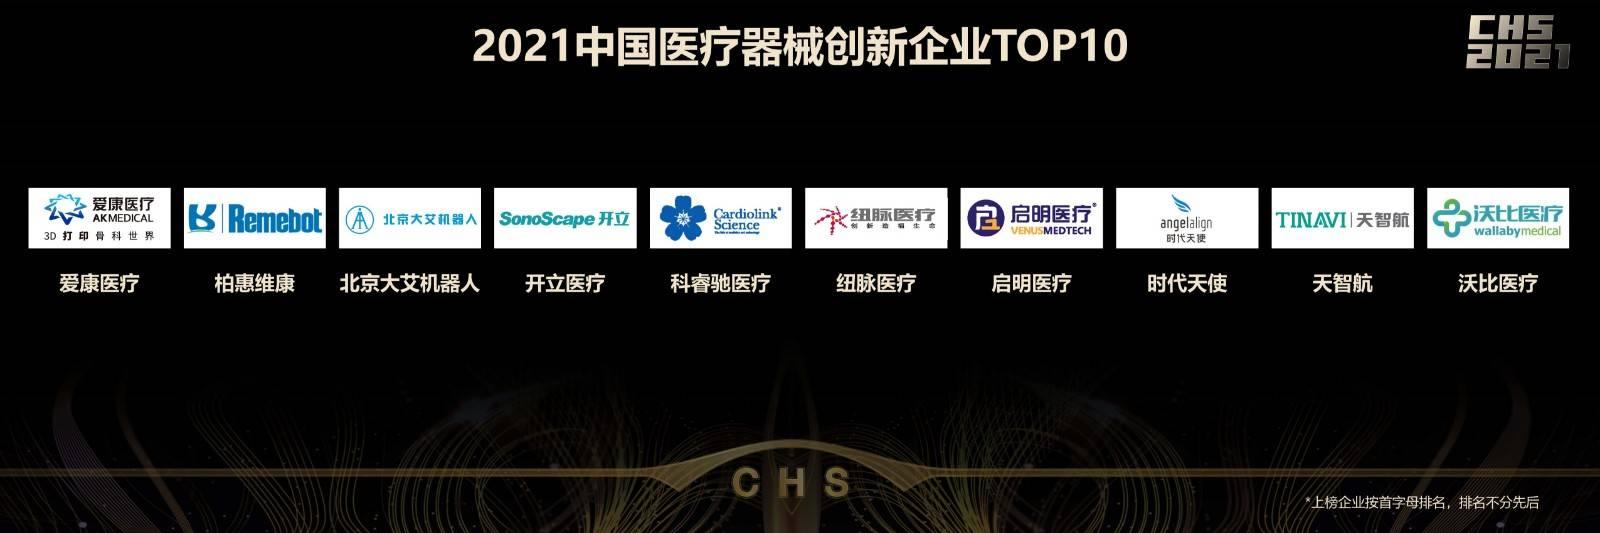 2021中国医疗器械创新企业TOP10